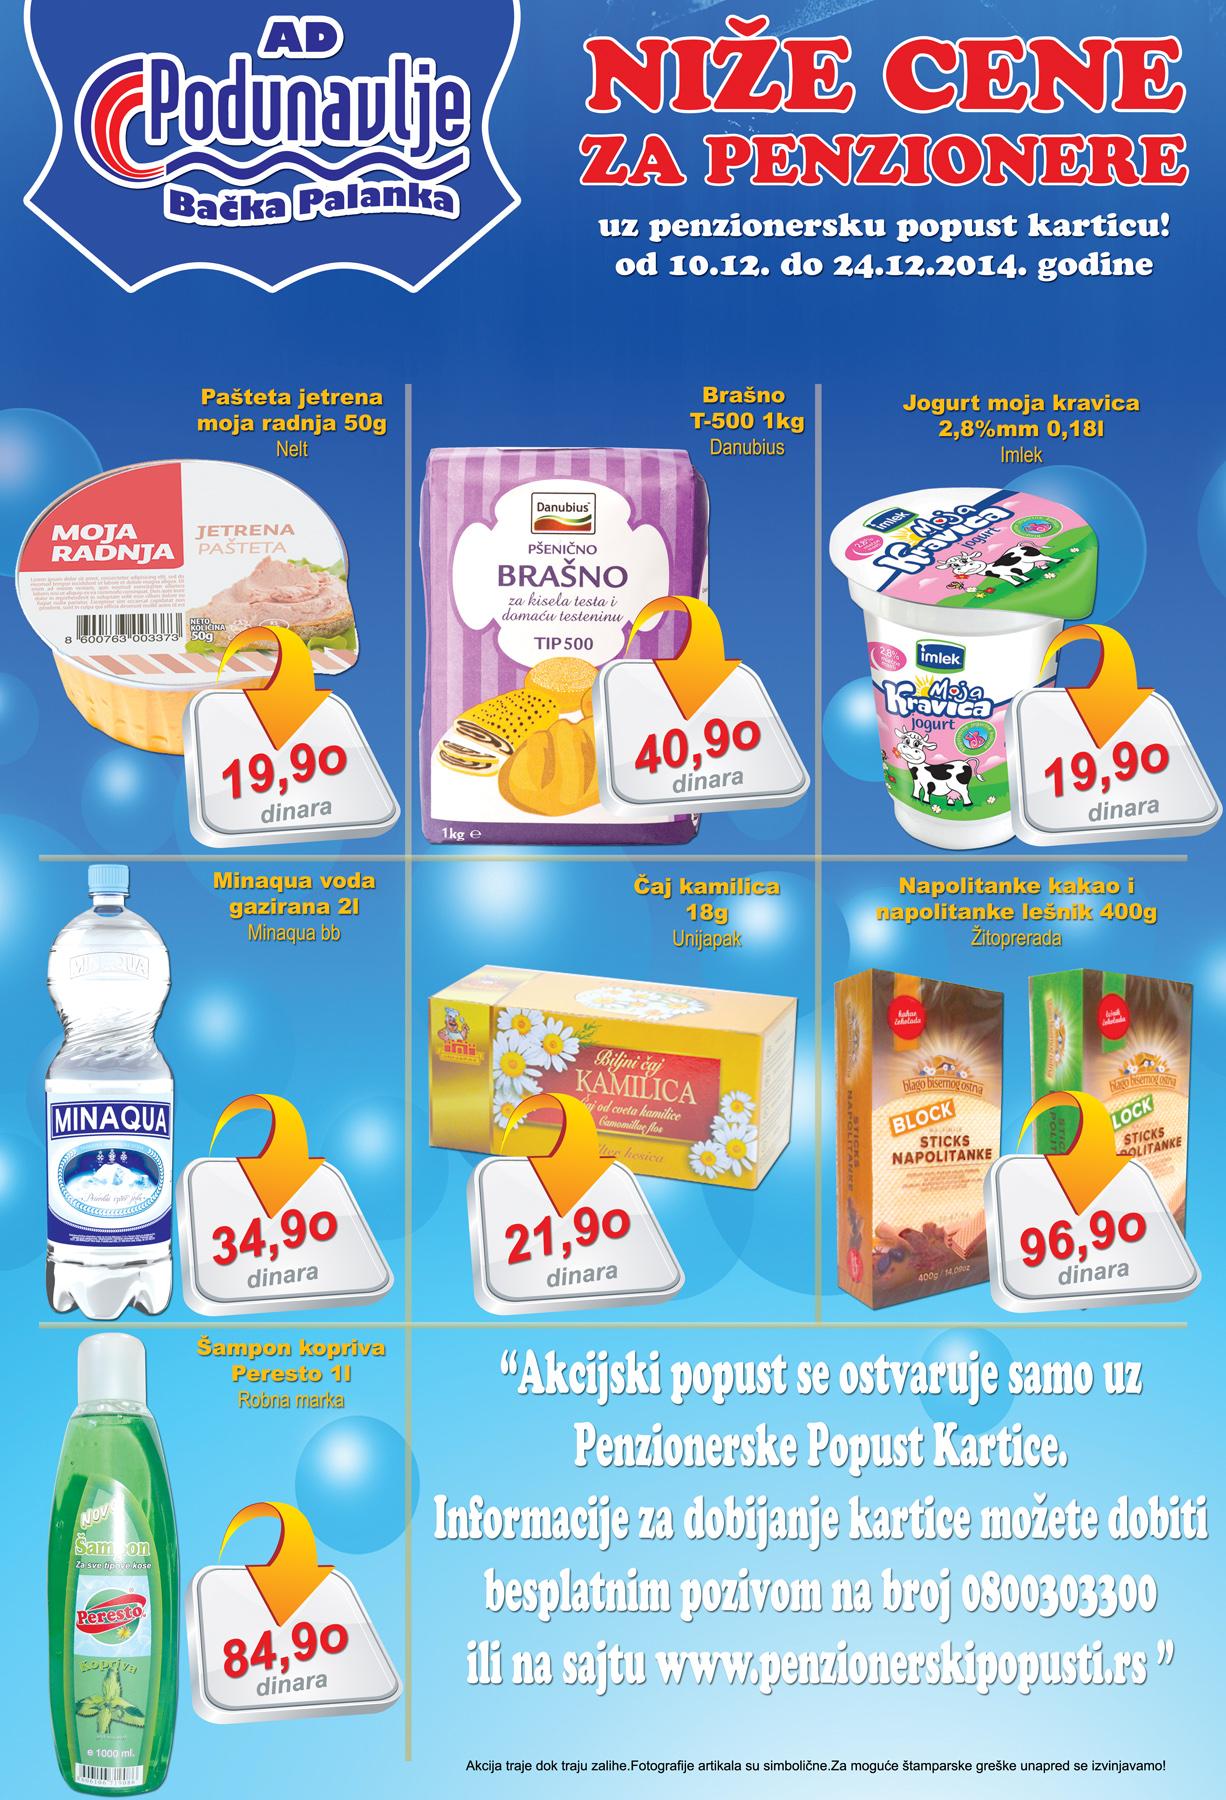 AD Podunavlje akcija super cene za penzionere